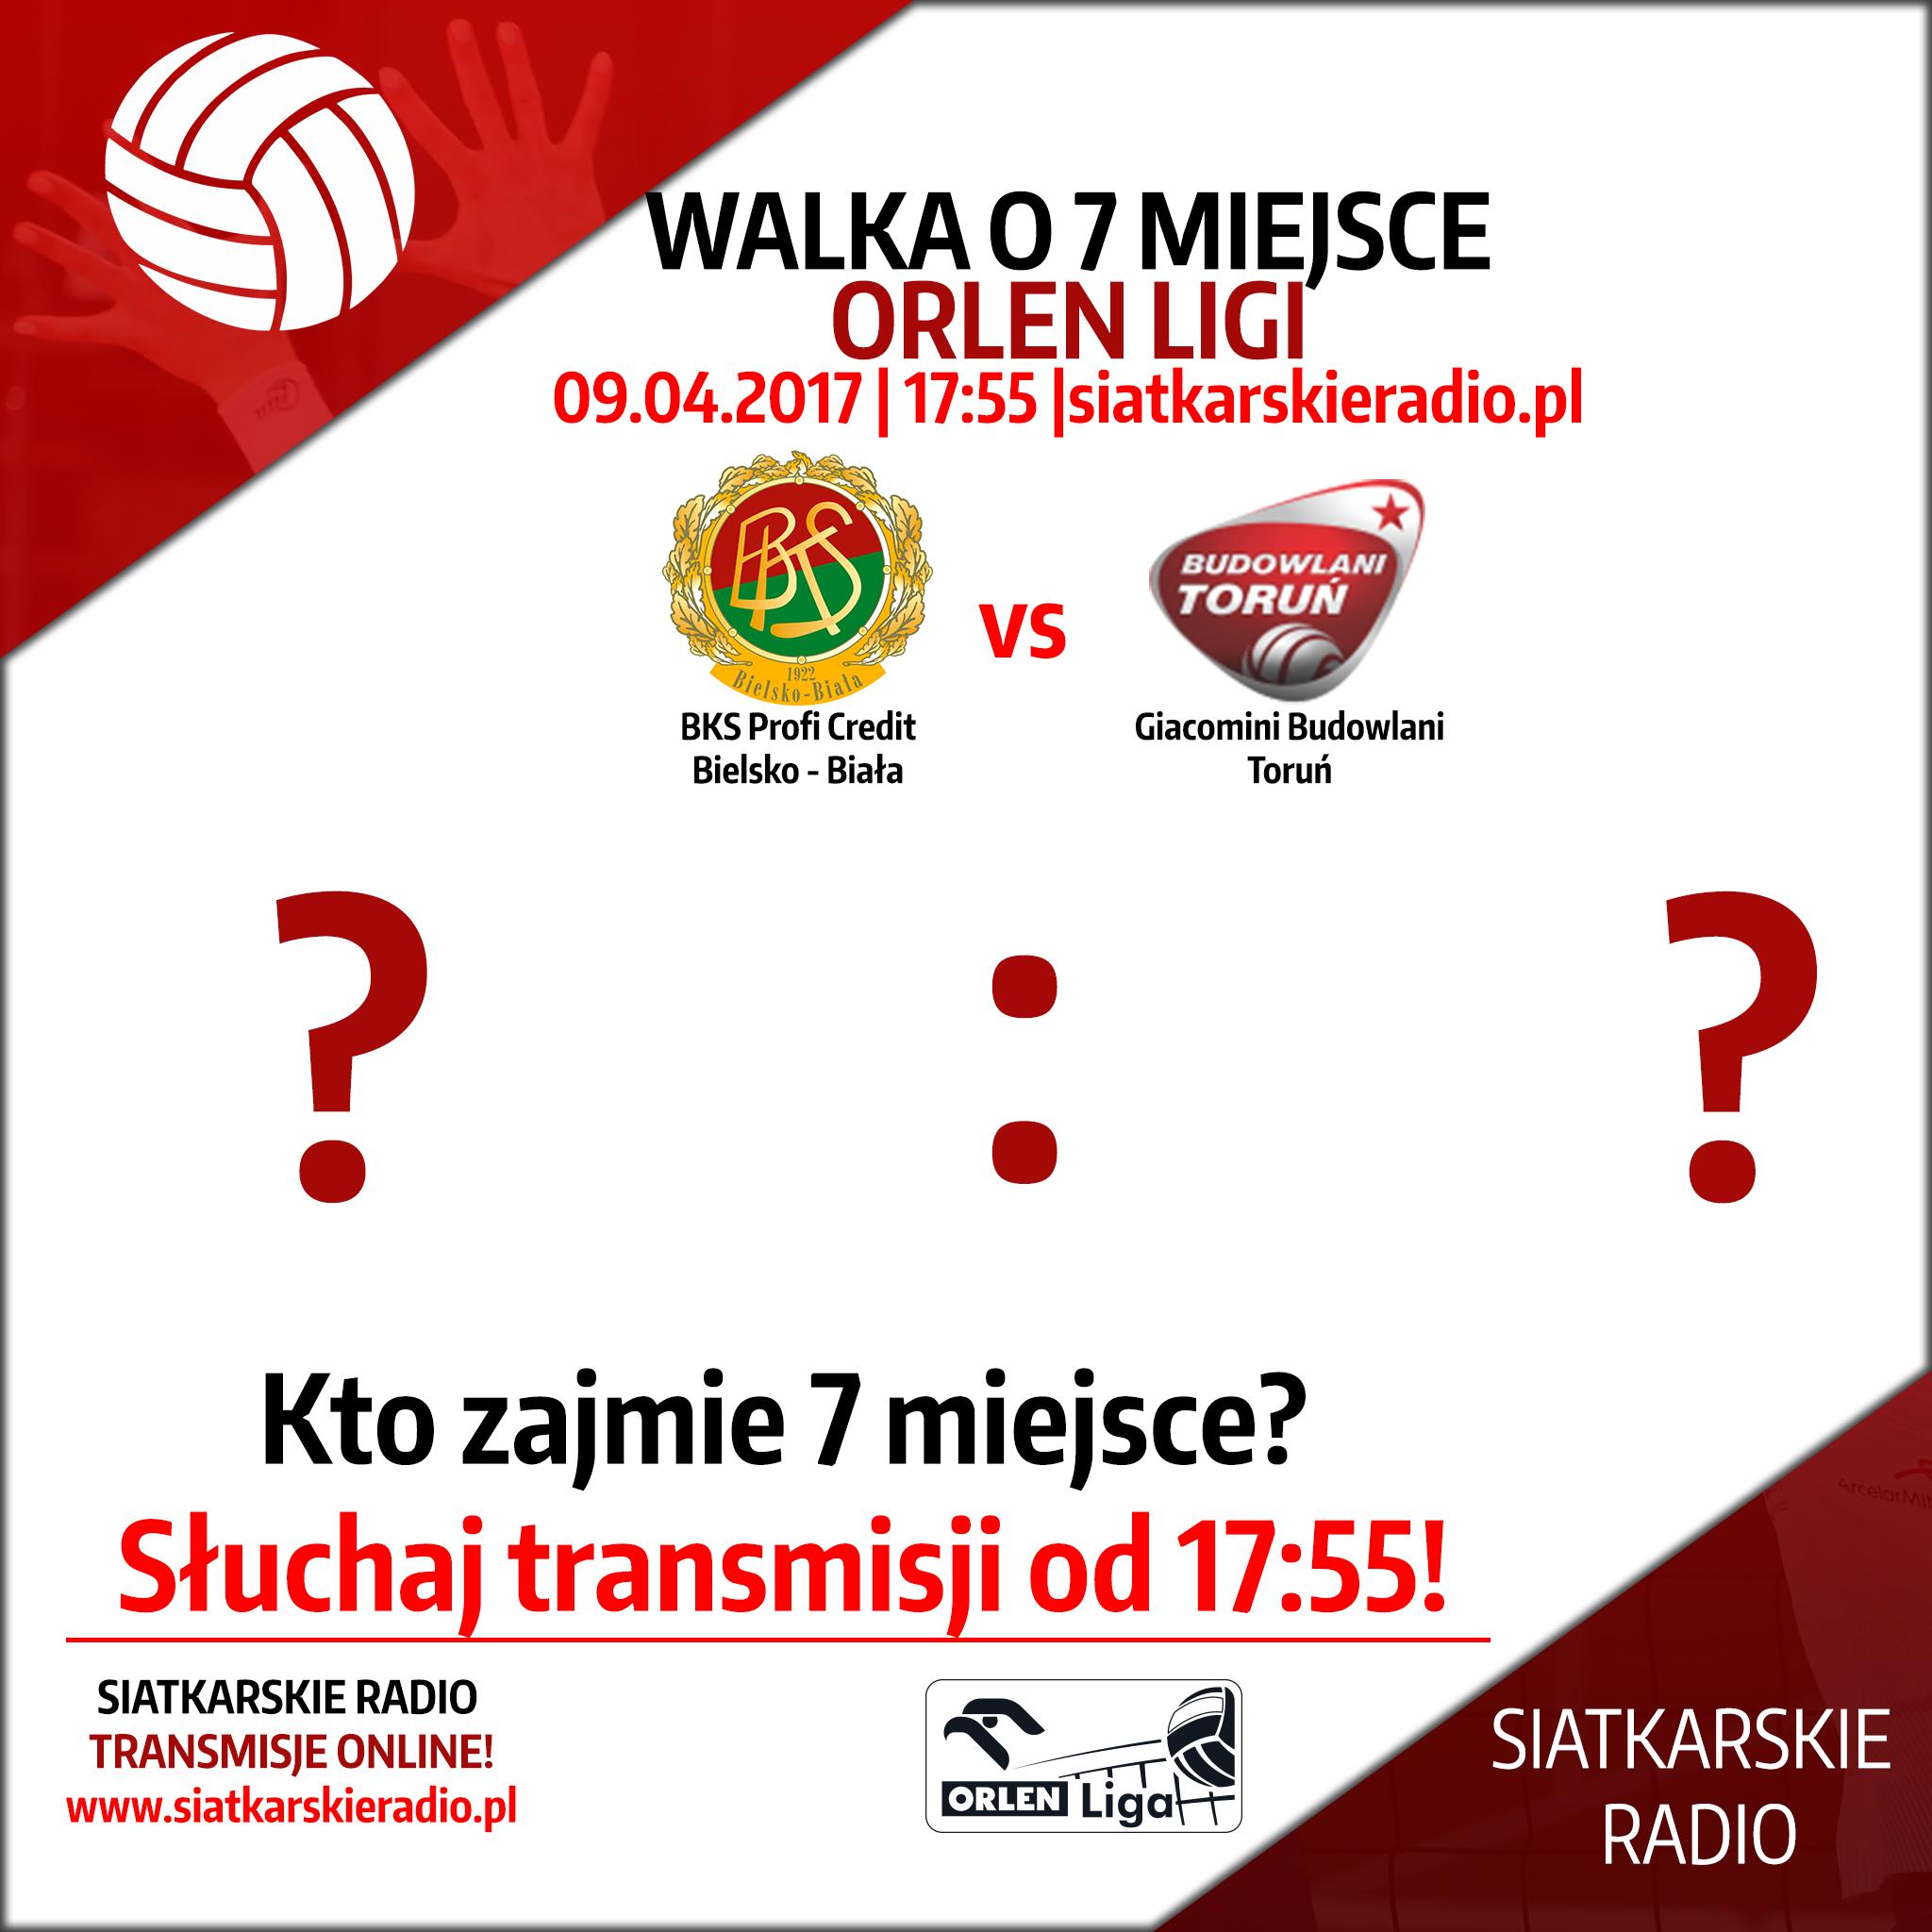 BKS Profi Credit Bielsko - Biała vs. Giacomini Budowlani Toruń. Transmisja! Ostatni mecz w karierze Joanny Staniuchy-Szczurek